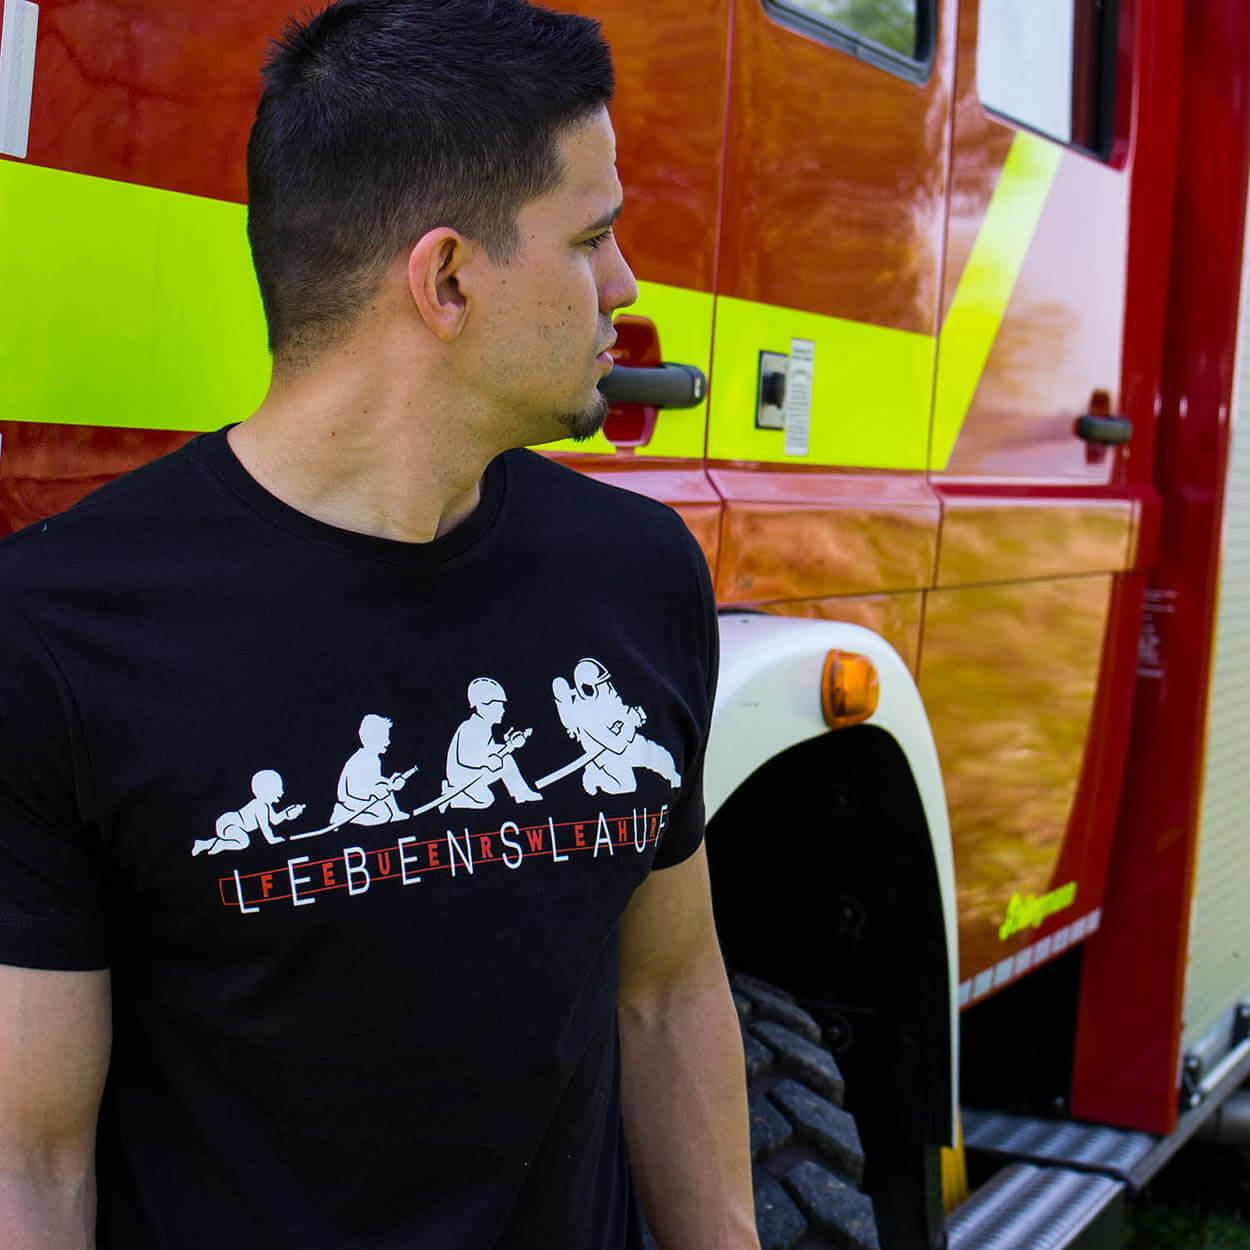 Lebenslauf Feuerwehr - Männer T-Shirt schwarz